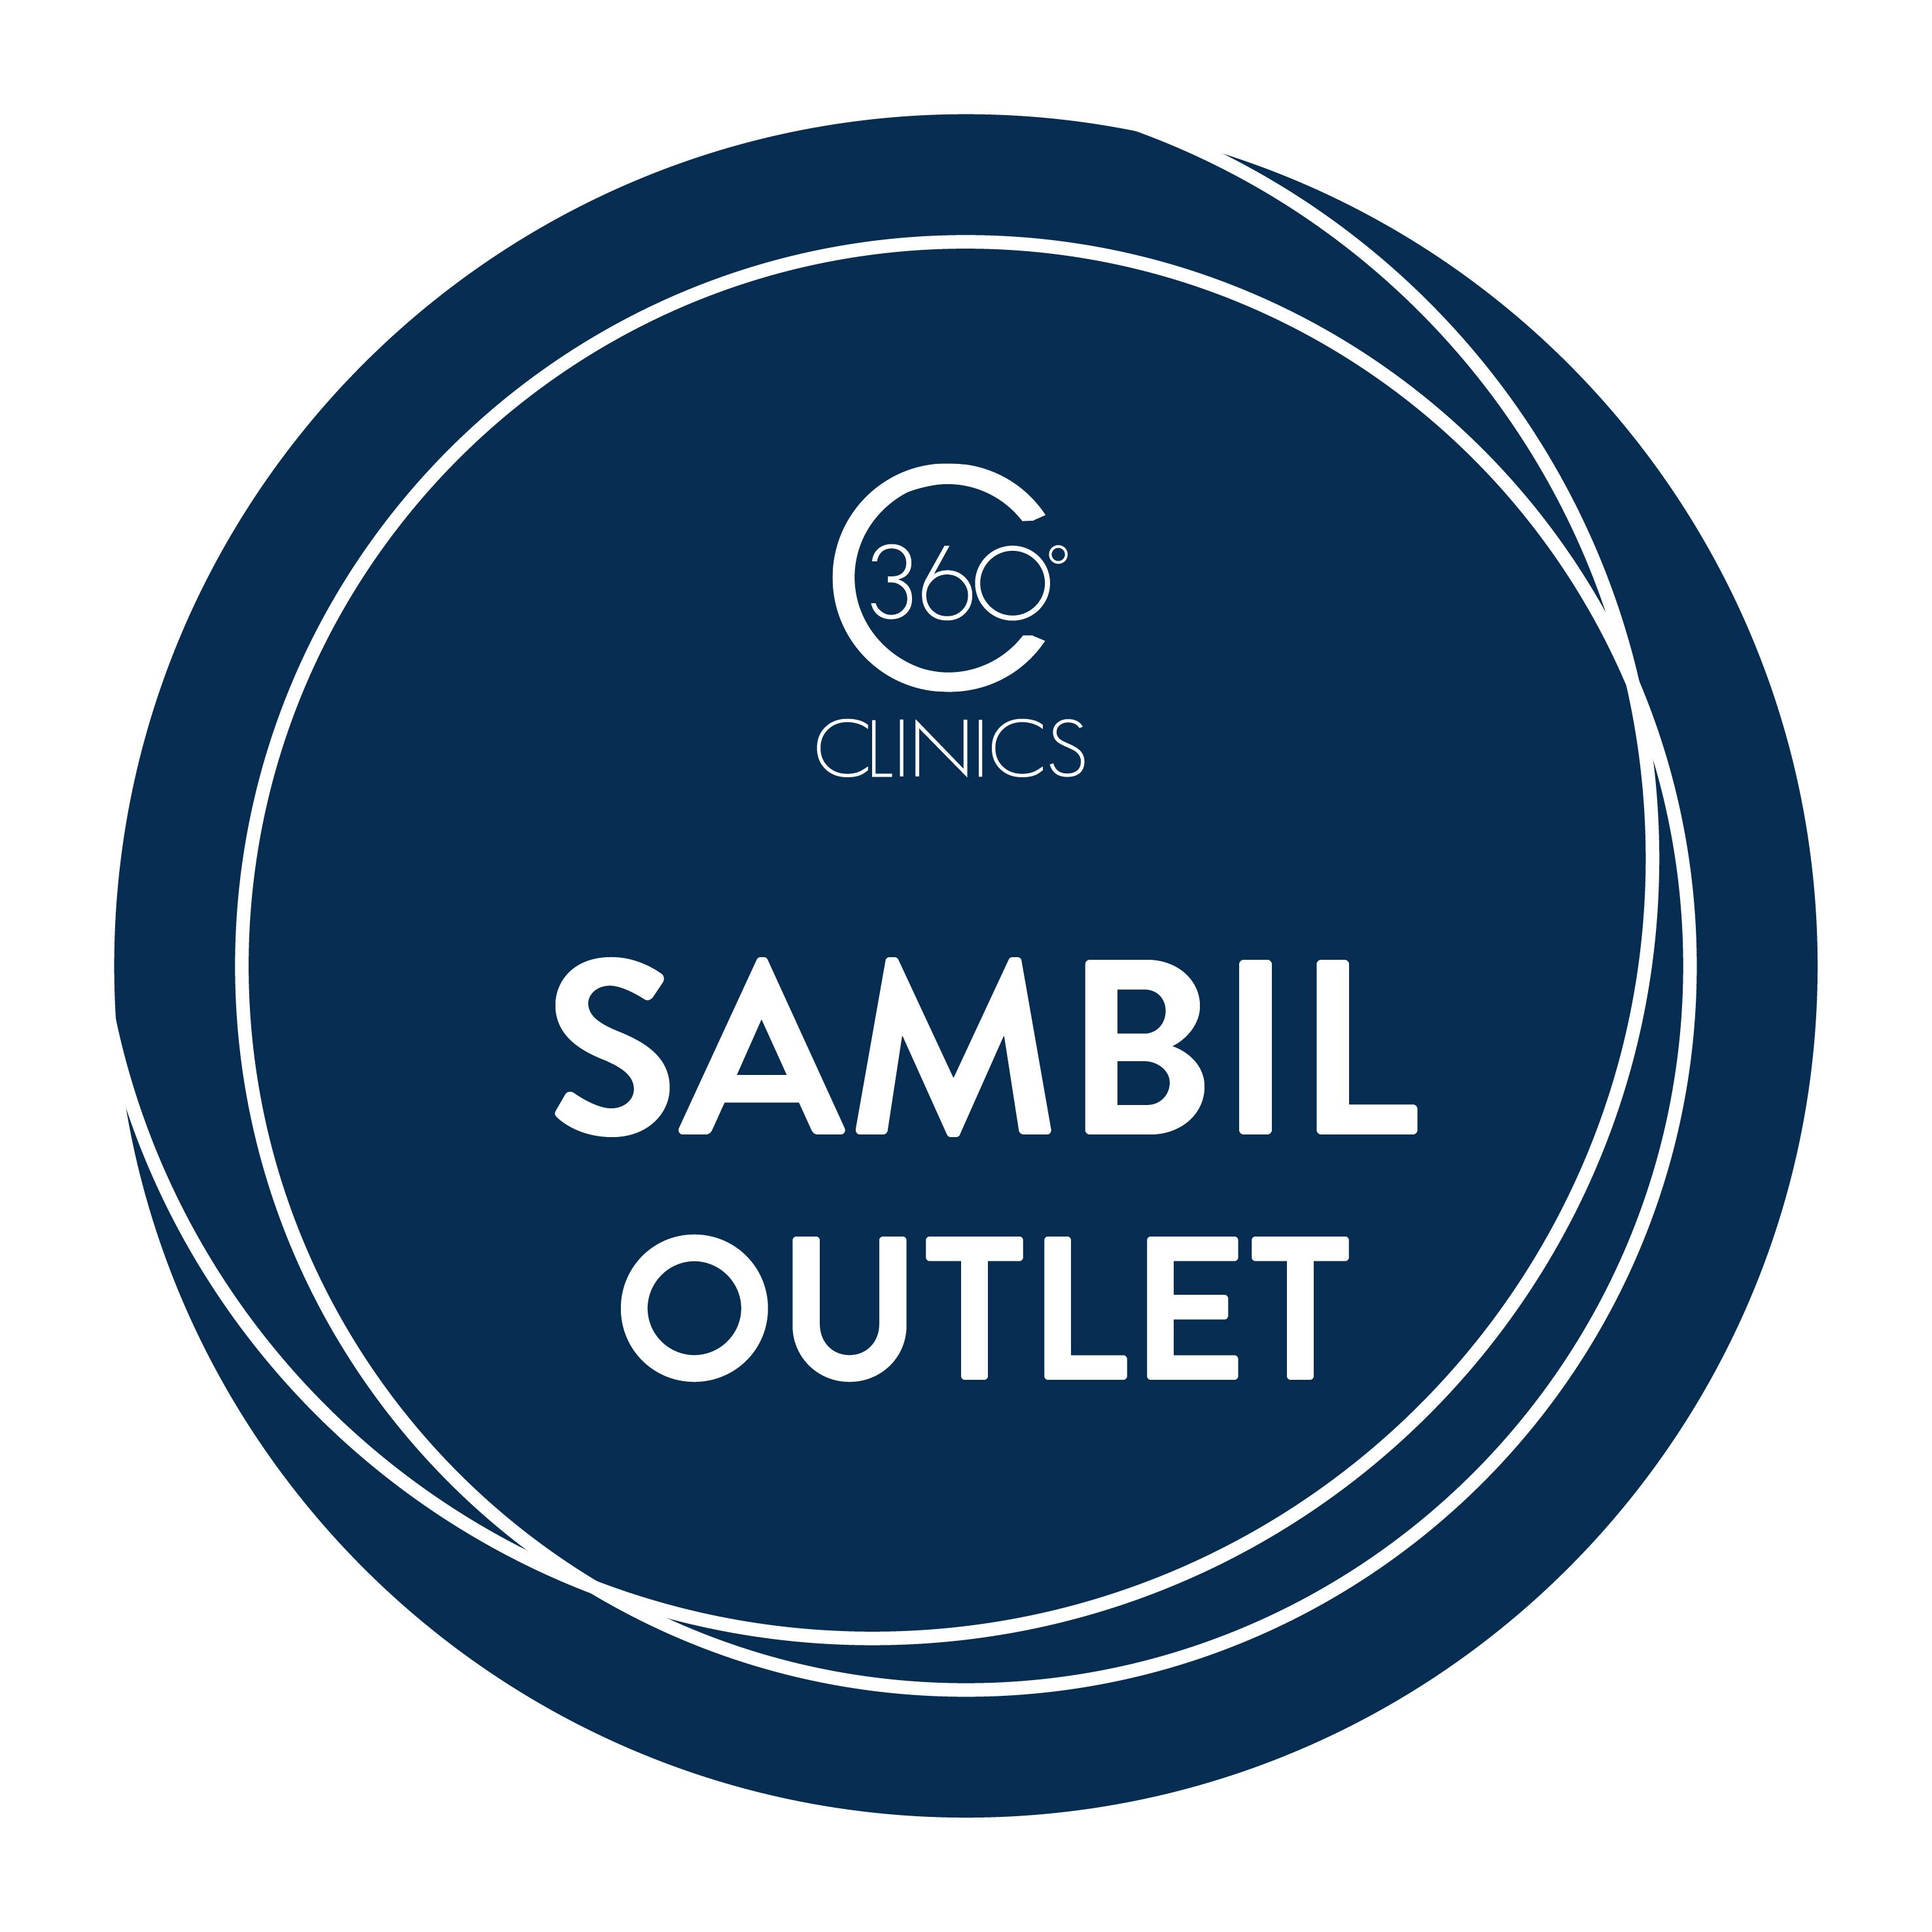 Centros de medicina estética Sambil Outlet